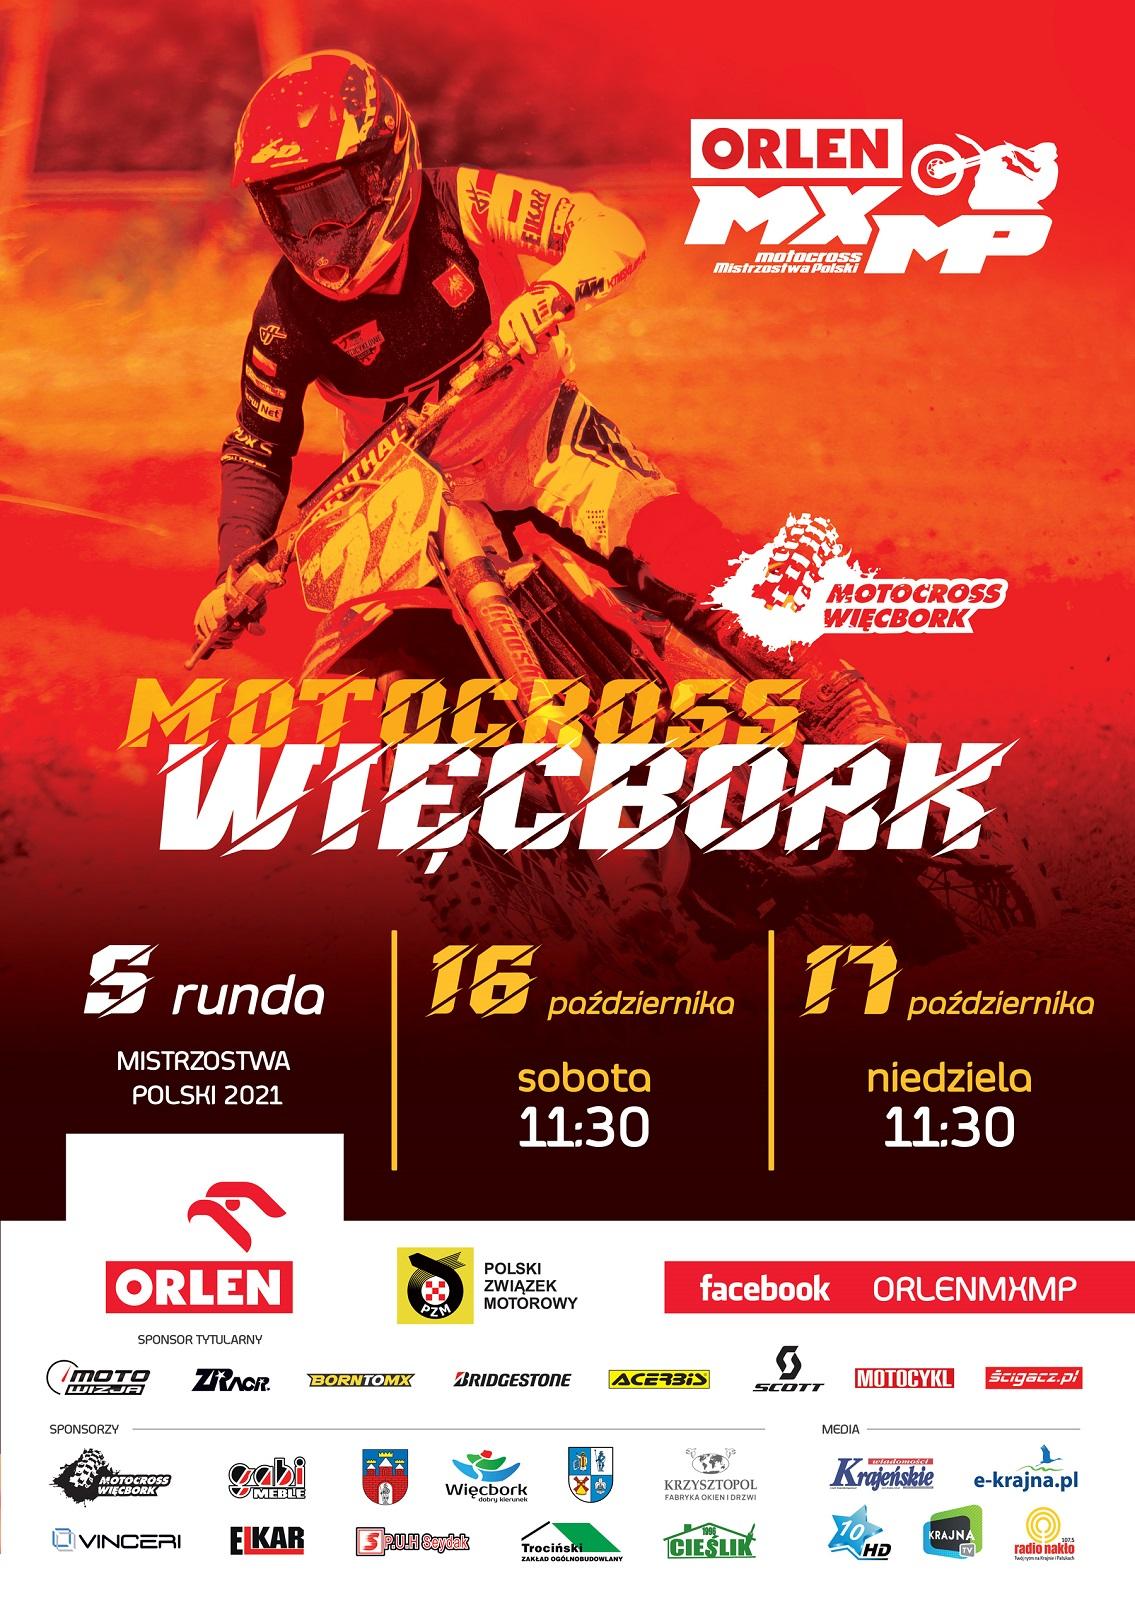 ORLEN MXMP Więcbork